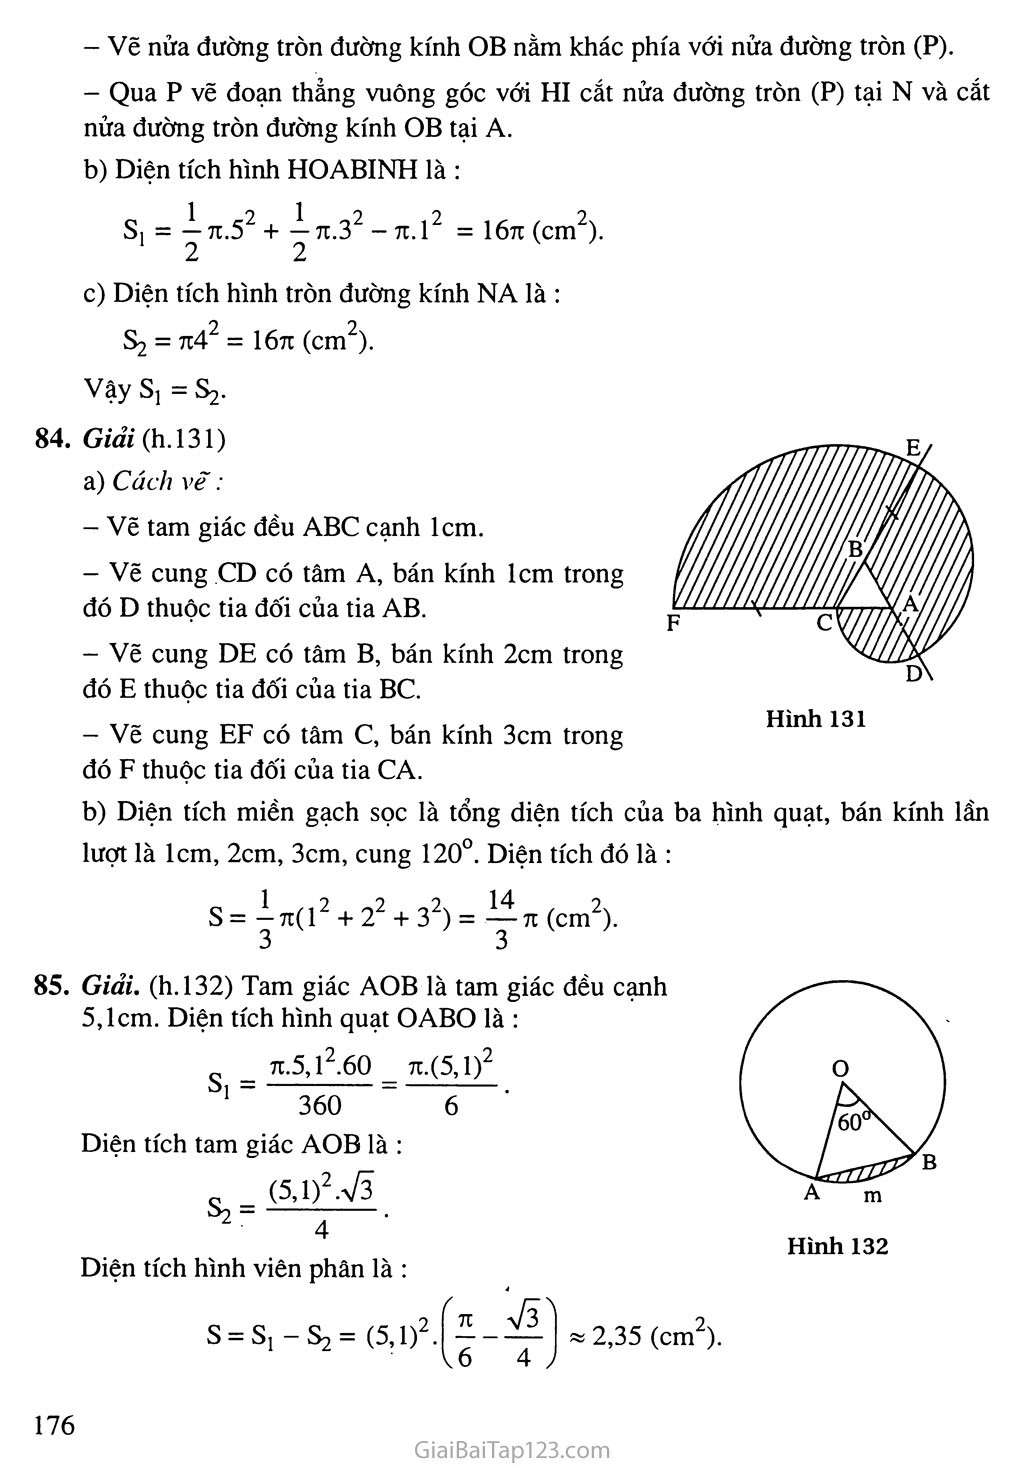 Bài 10. Diện tích hình tròn, hình quạt tròn trang 4